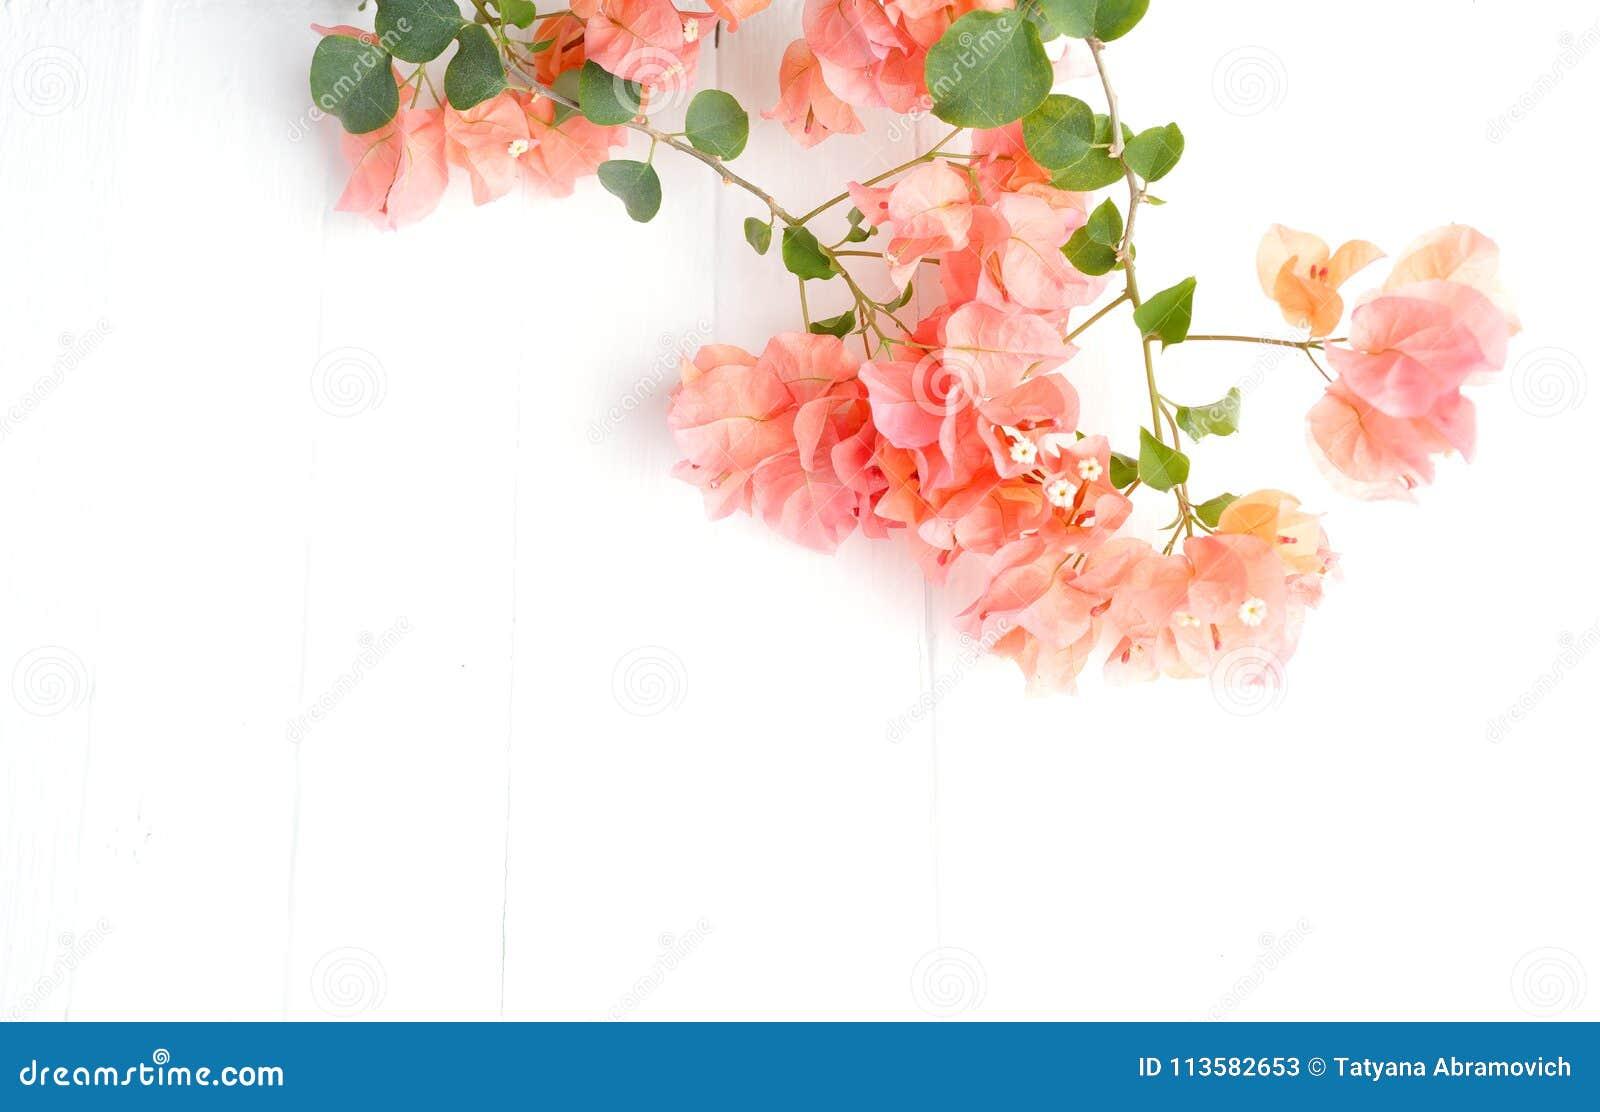 Ramo rosa della buganvillea su un fondo di legno bianco